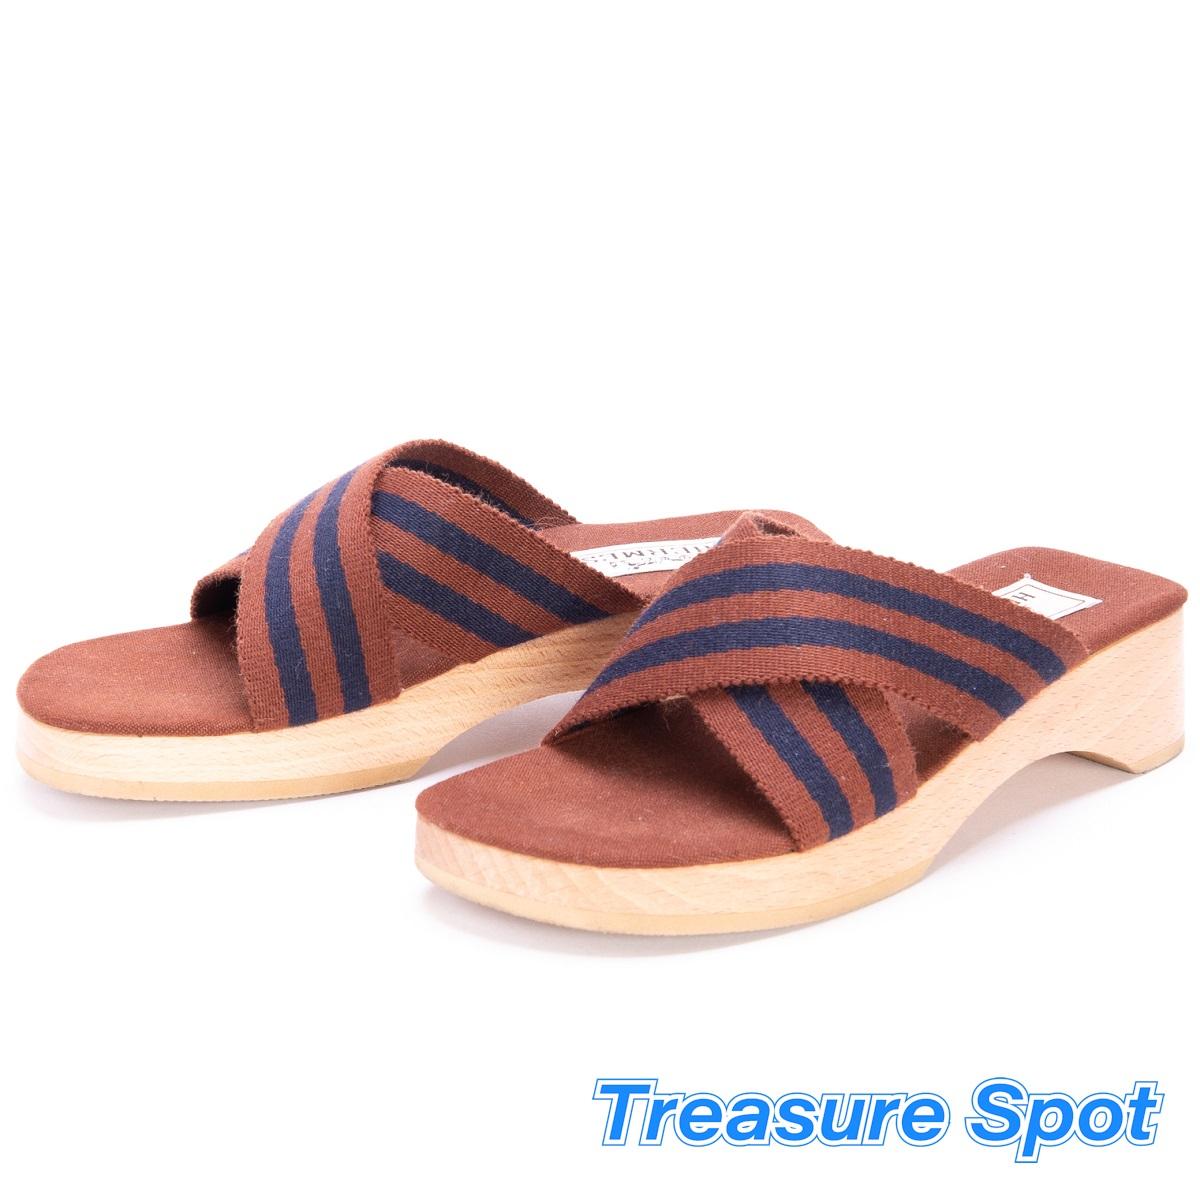 HERMES エルメス 靴 フールトゥーサンダル サイズ#36 ブラウン キャンバス×ウッド 新品同様品 【トレジャースポット】【中古】